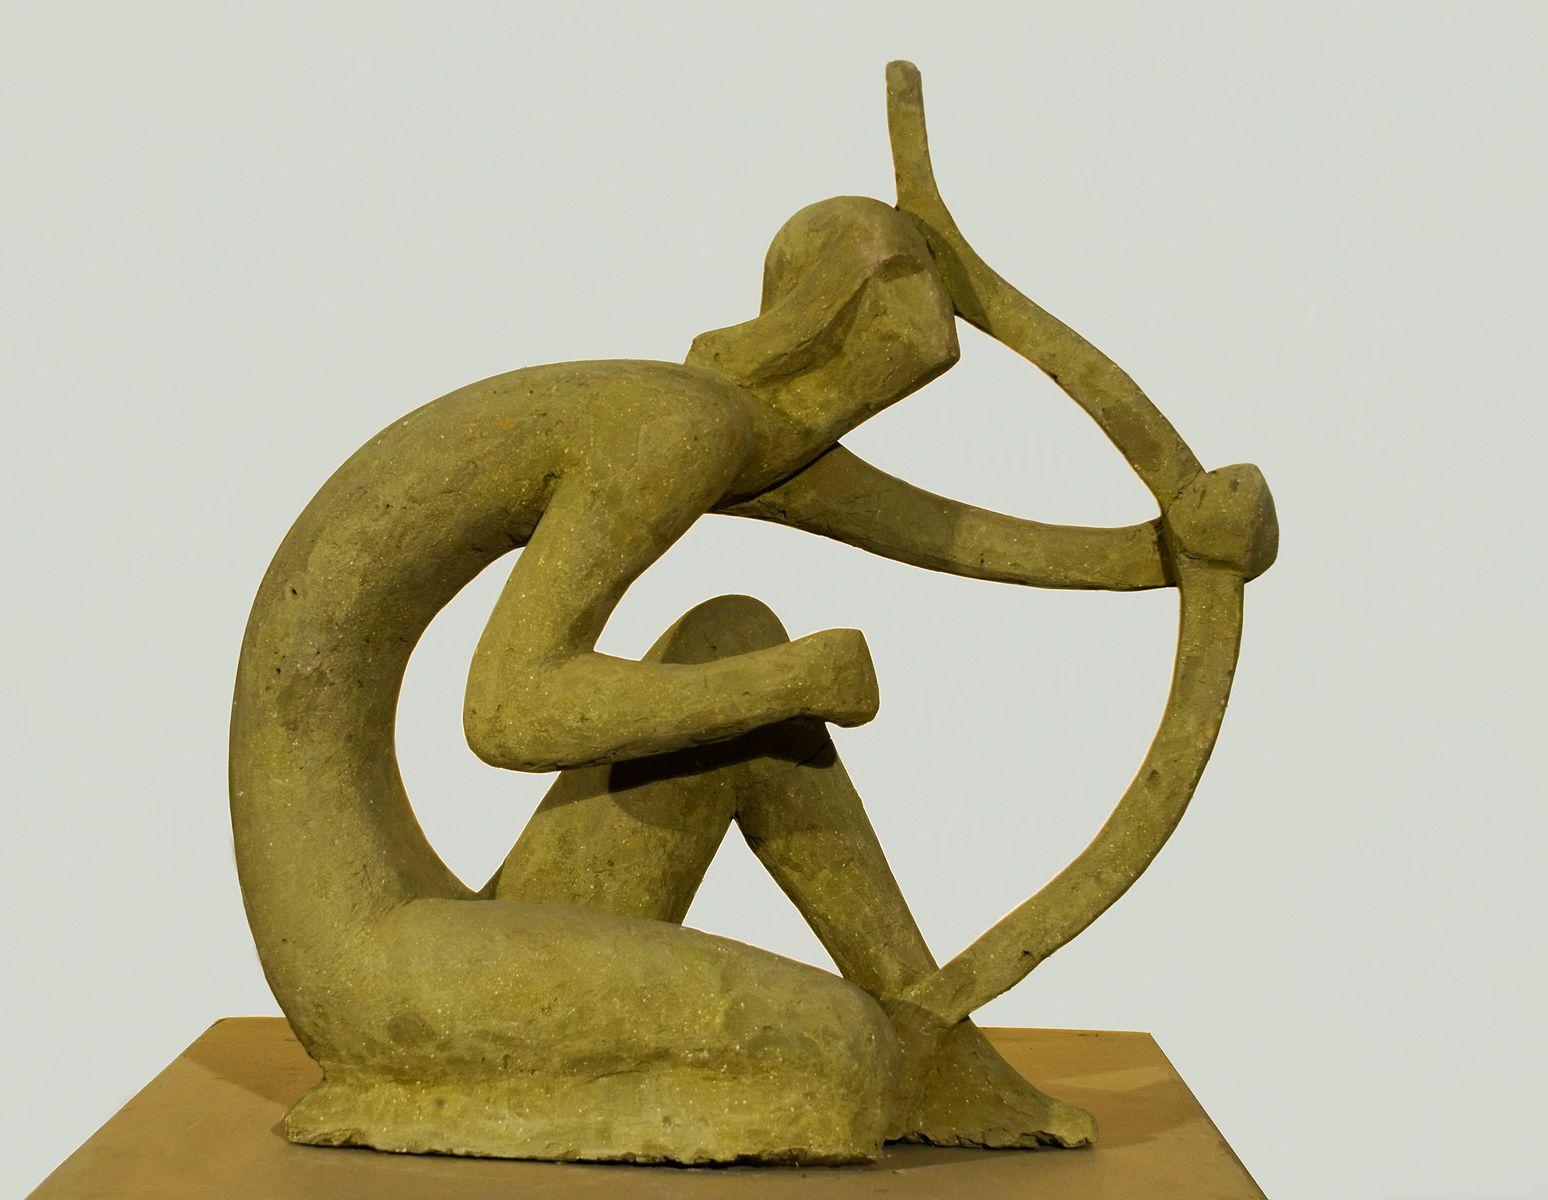 Теодозія Бриж. Лучник, 1976, гіпс